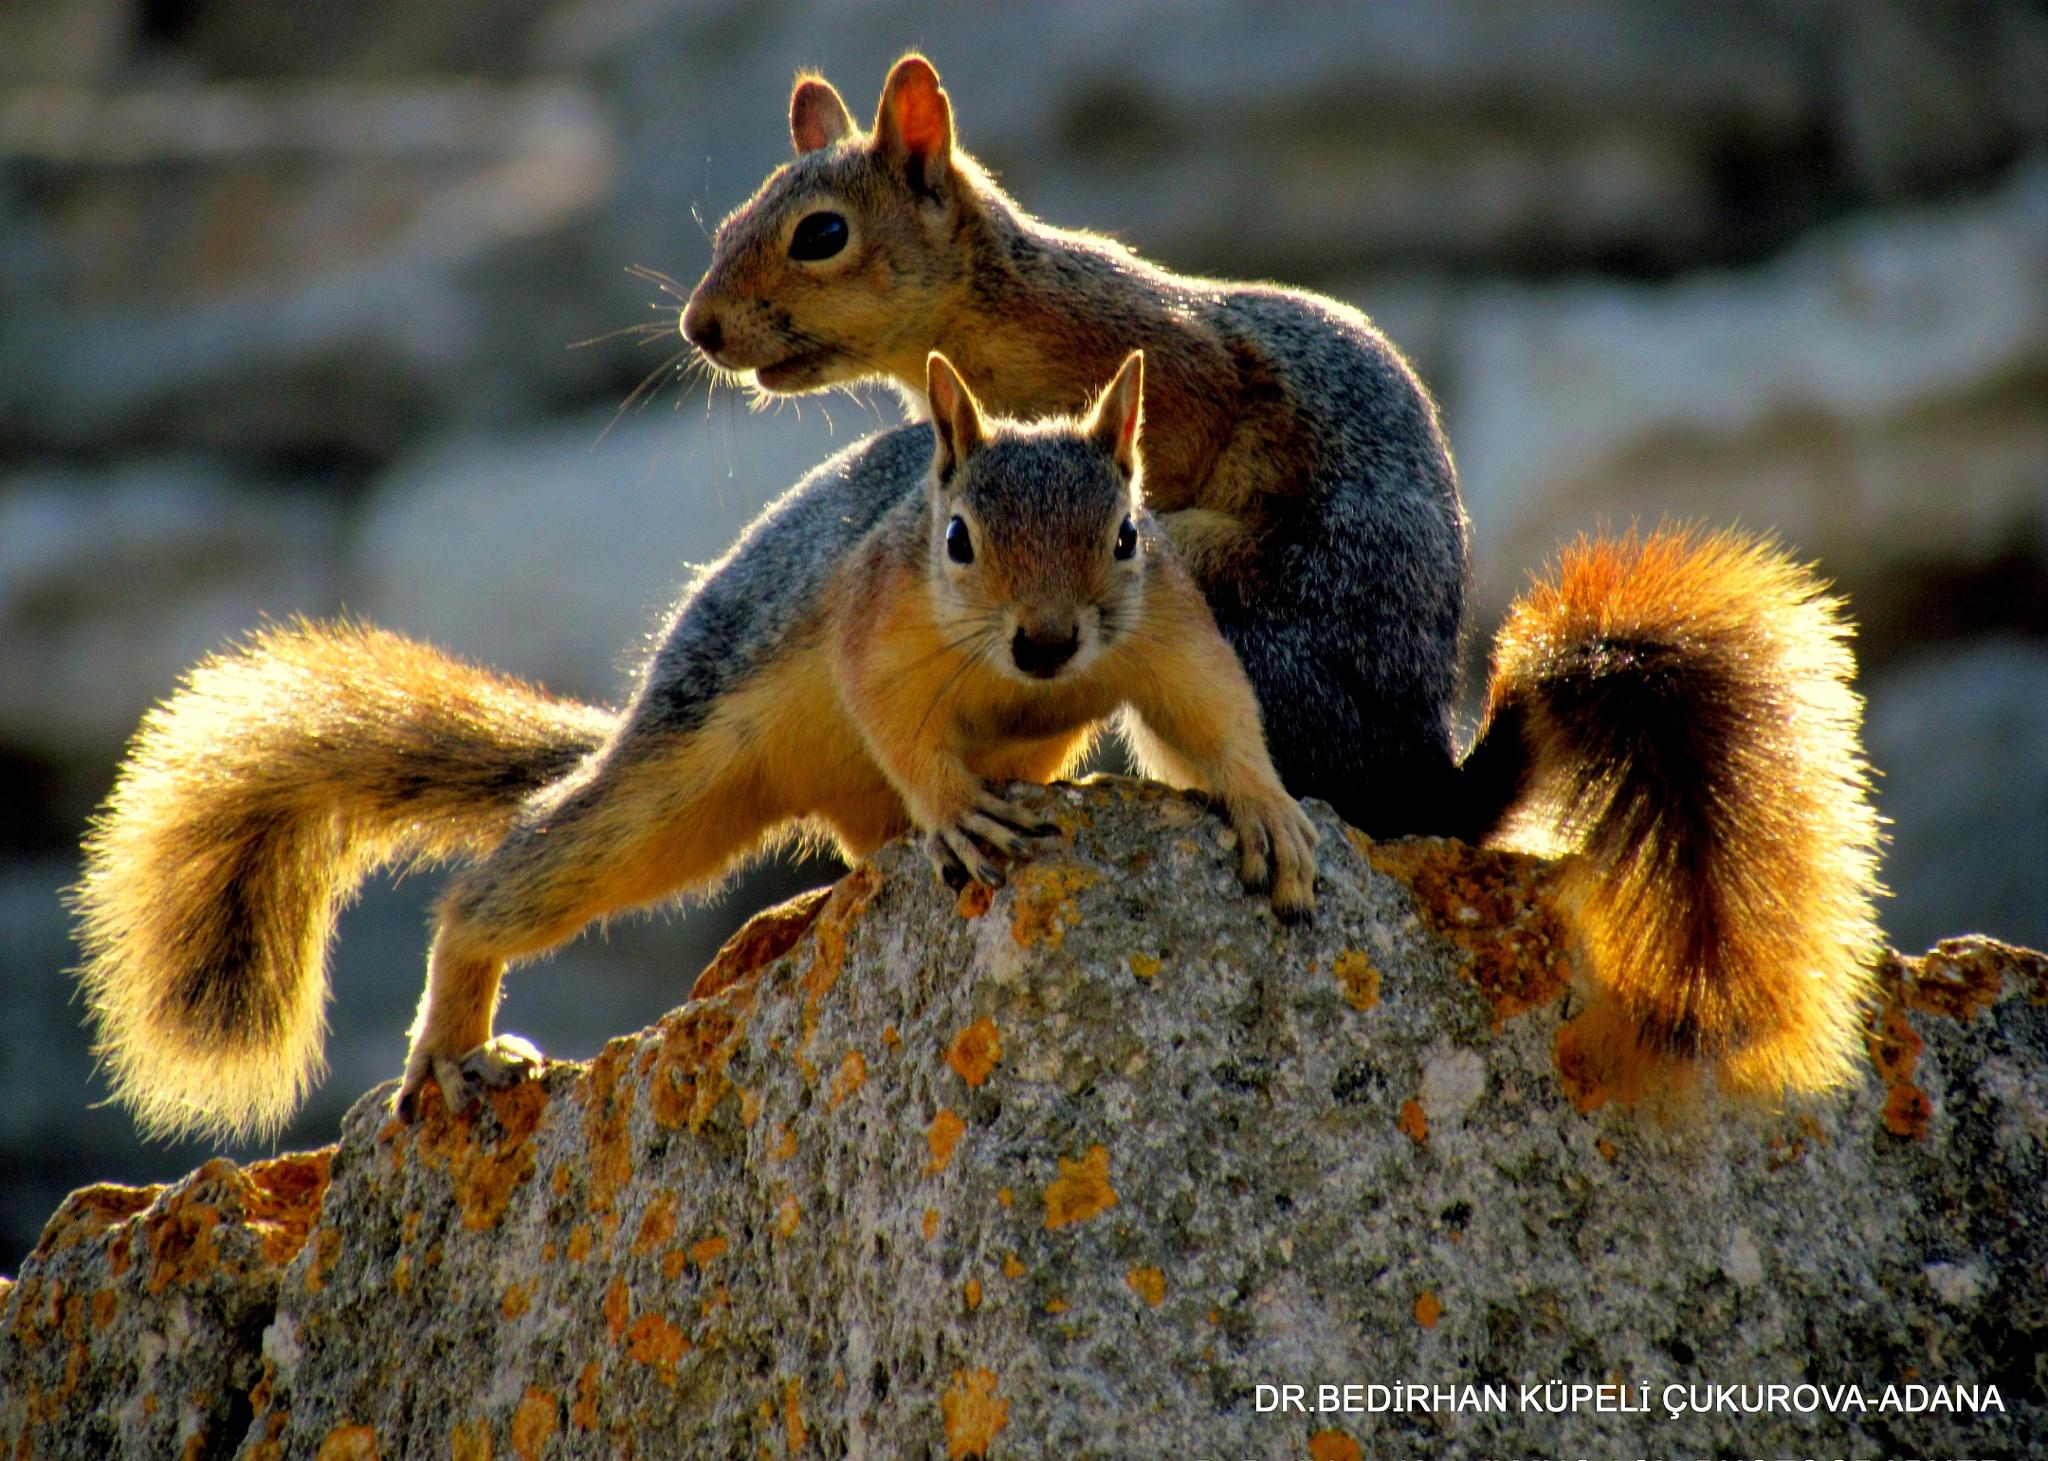 Double Squirrels by Bedirhan Küpeli